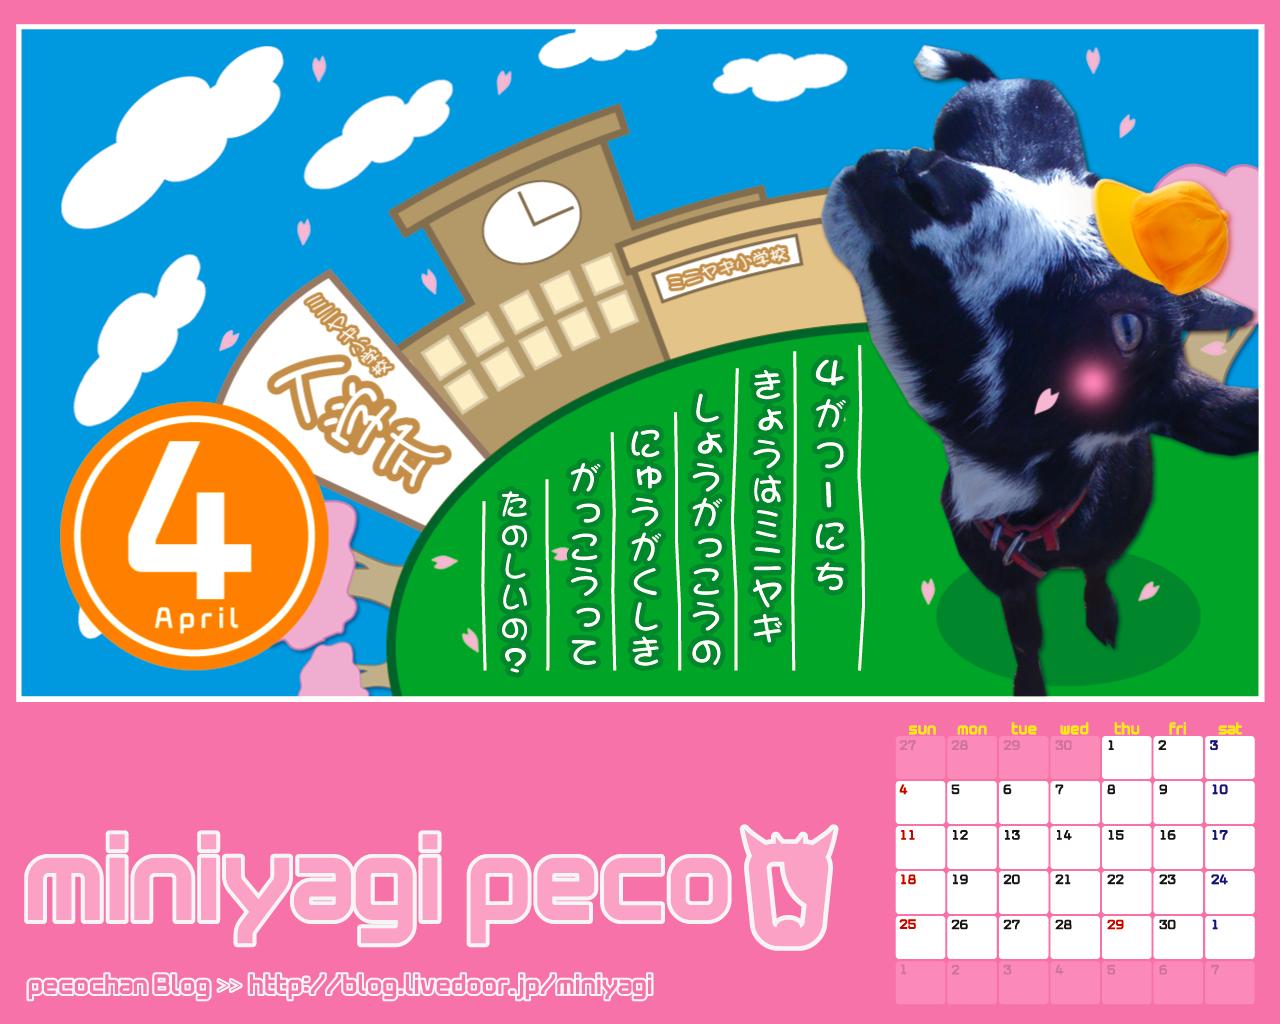 ペコちゃんのお誕生日 ミニヤギペコちゃんの気まぐれブログ